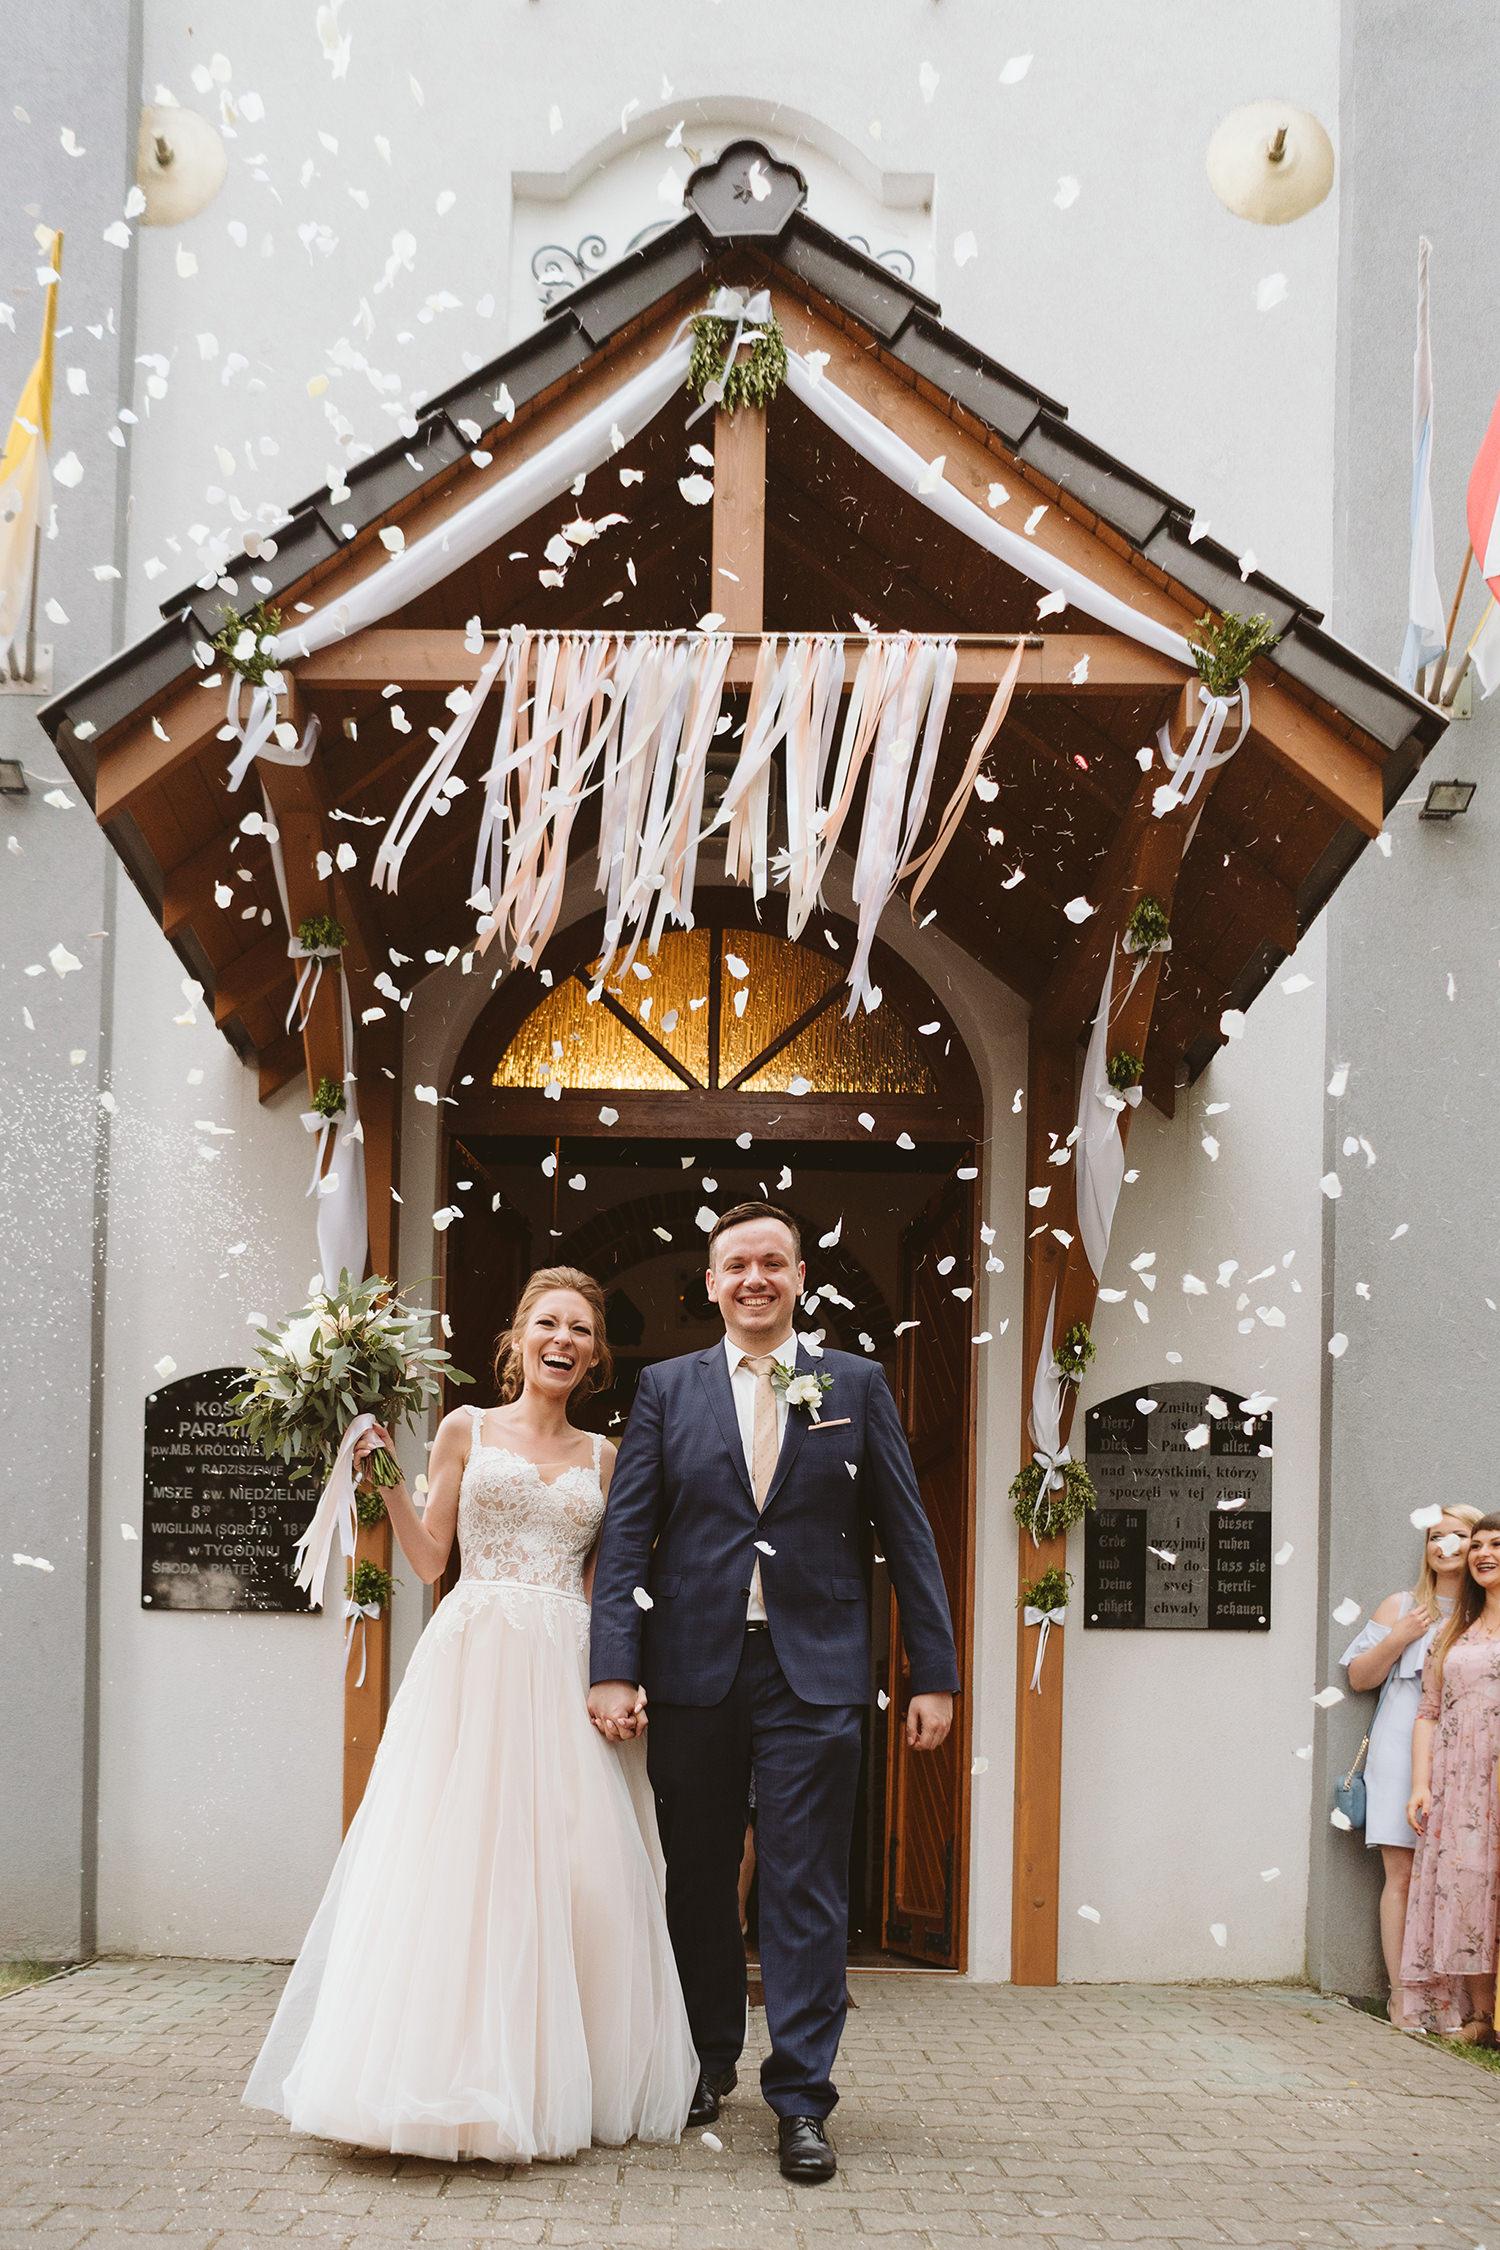 Najlepsze zdjęcia ślubne w 2018 roku 34